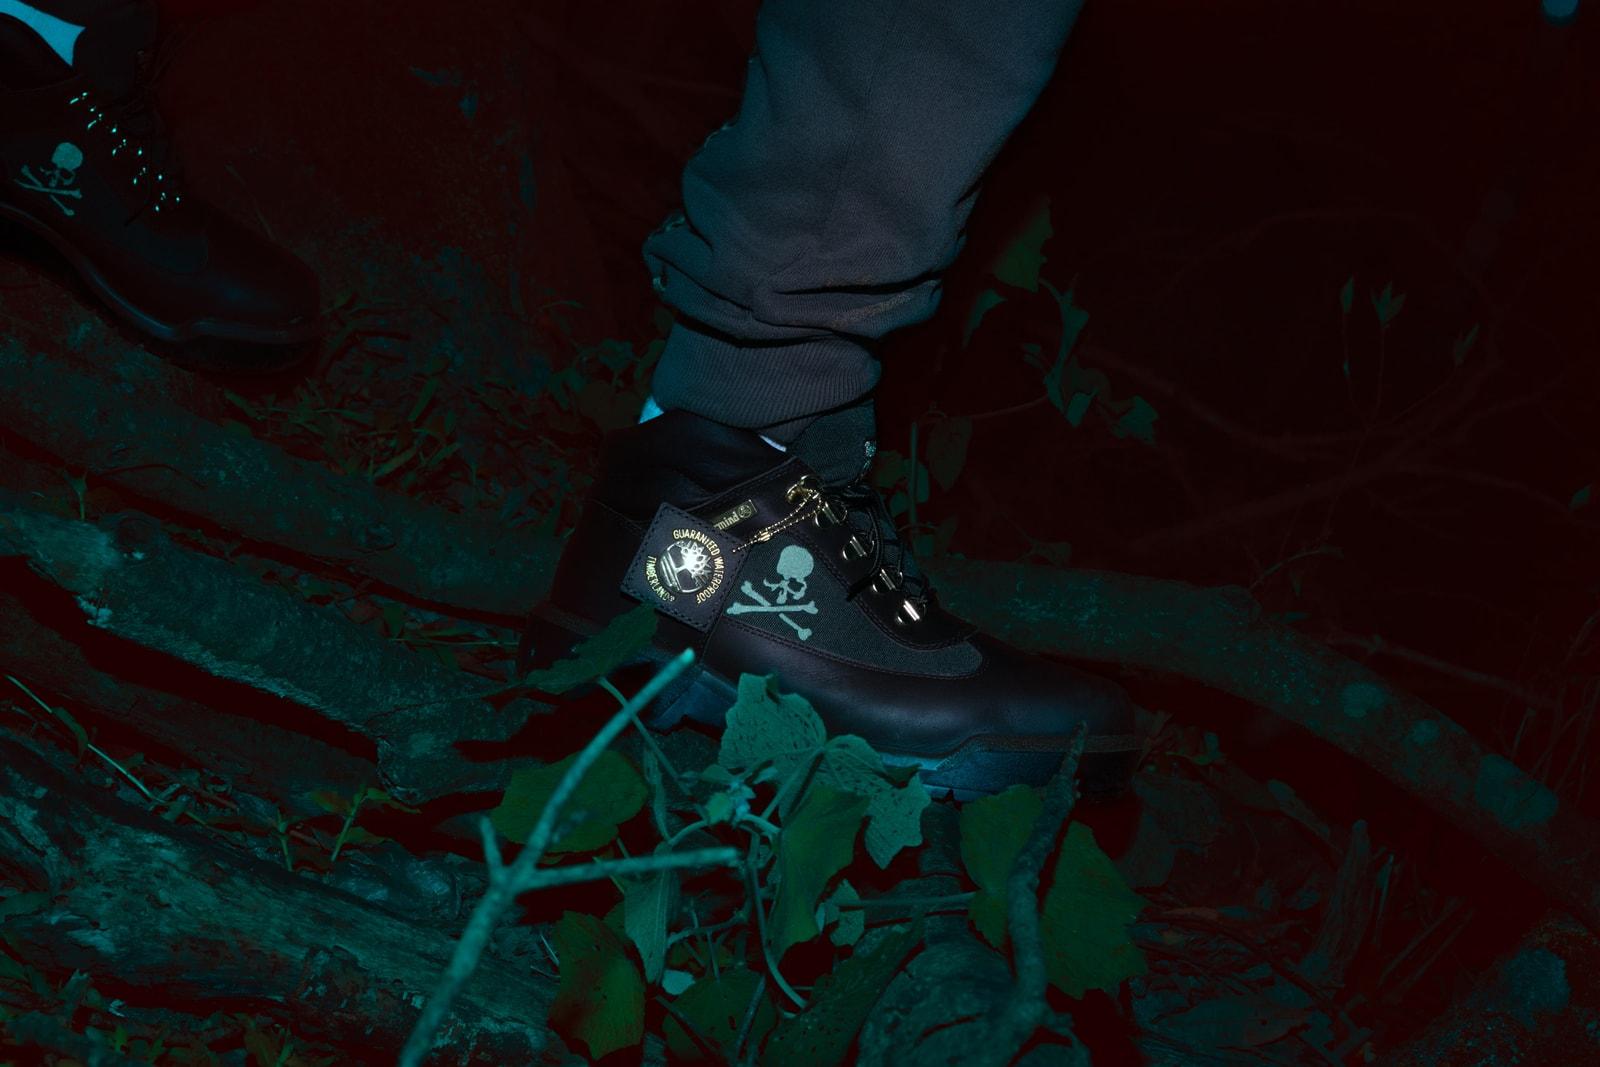 高調回歸 — Timberland X mastermind JAPAN 聯名系列再度發表